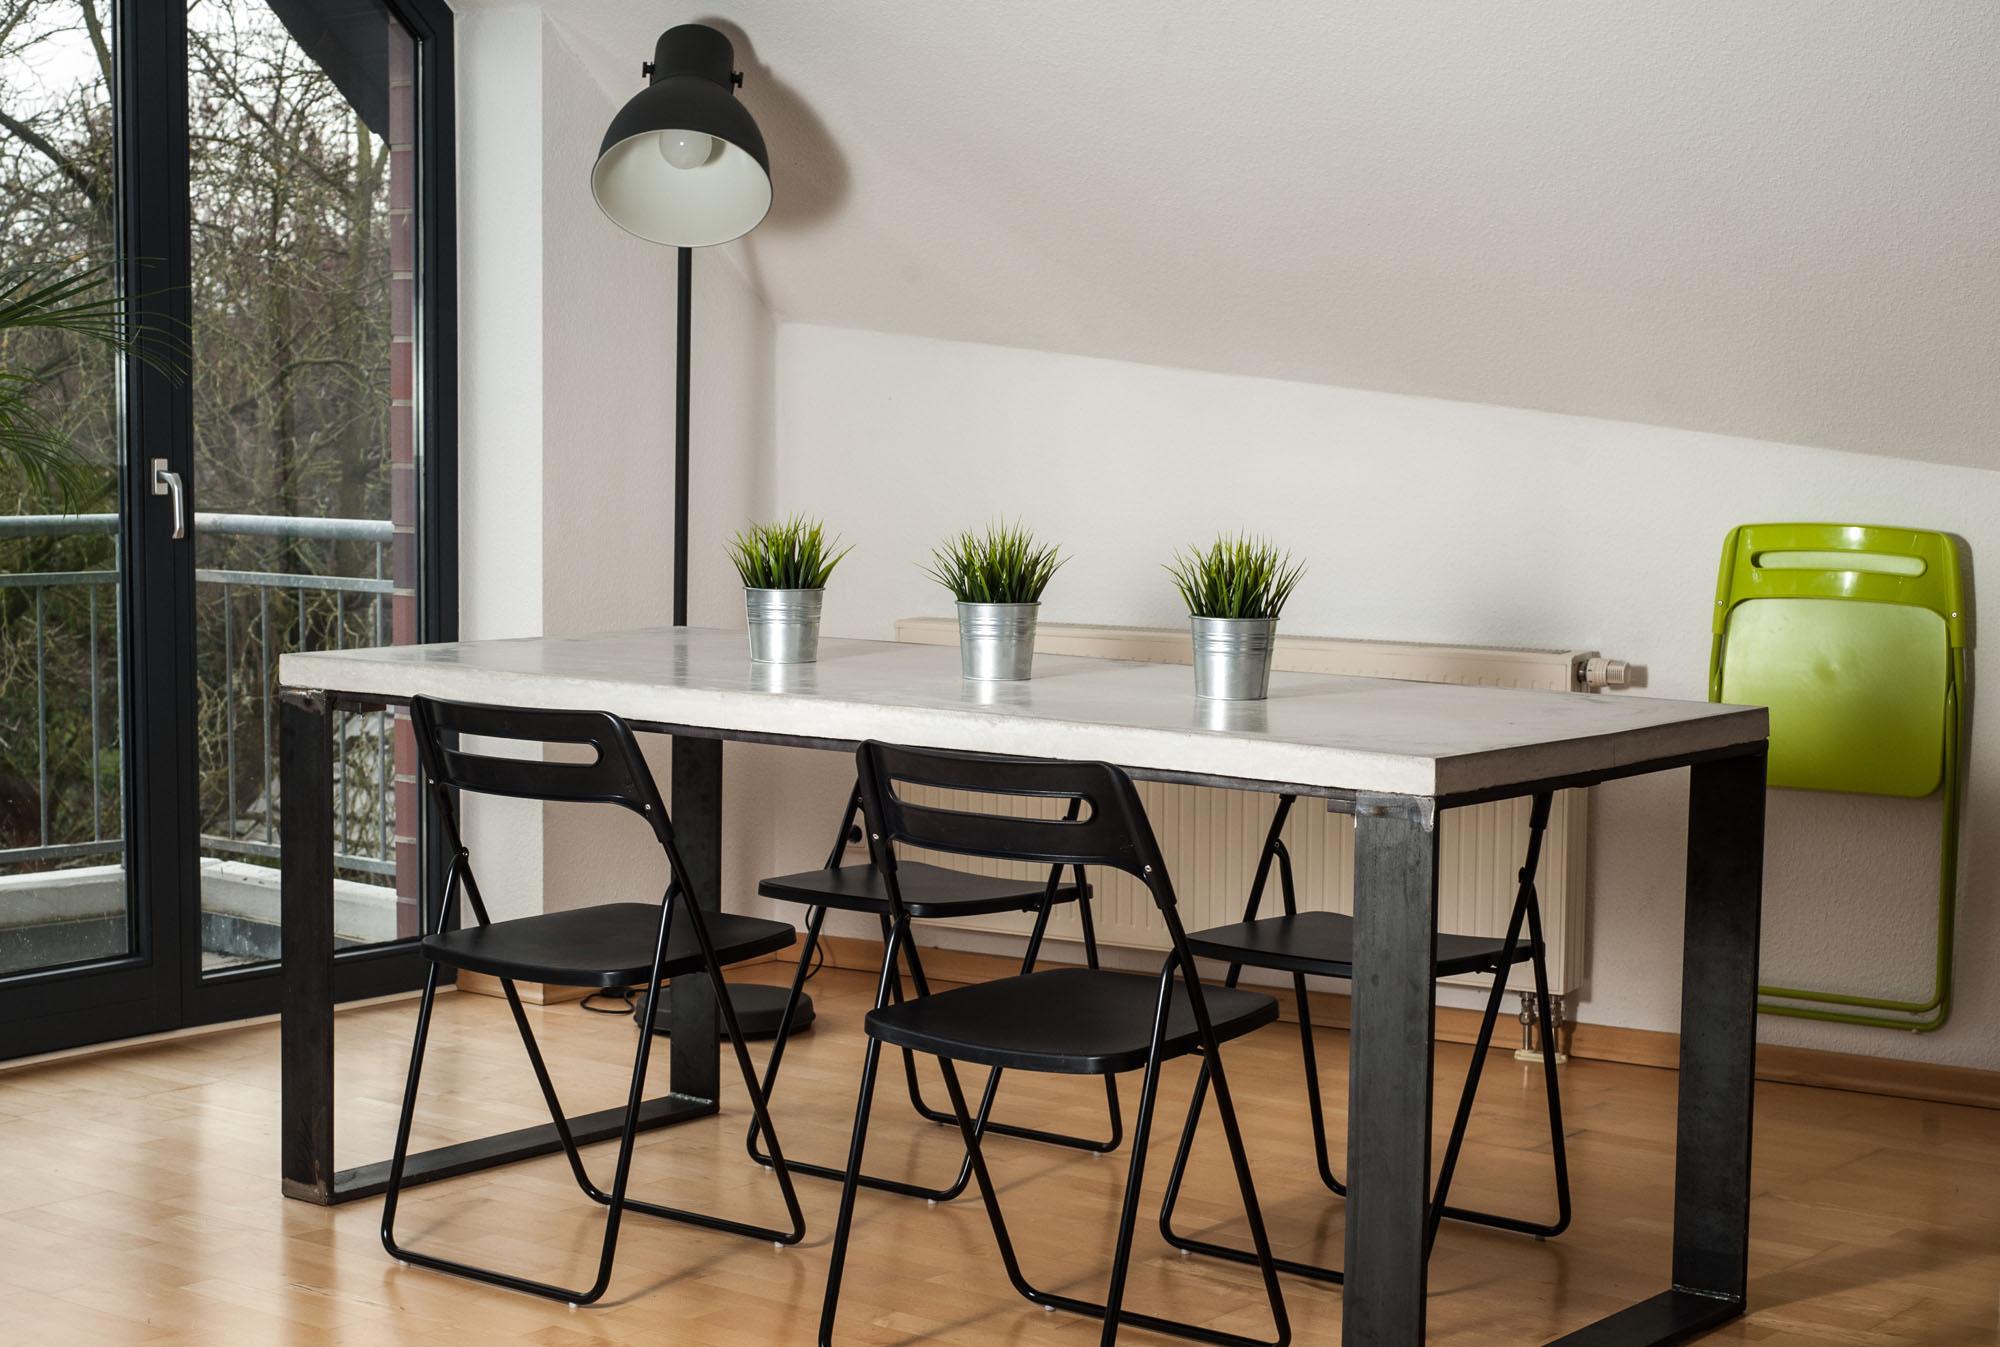 Einzigartig Beton Tisch Selber Machen Ideen